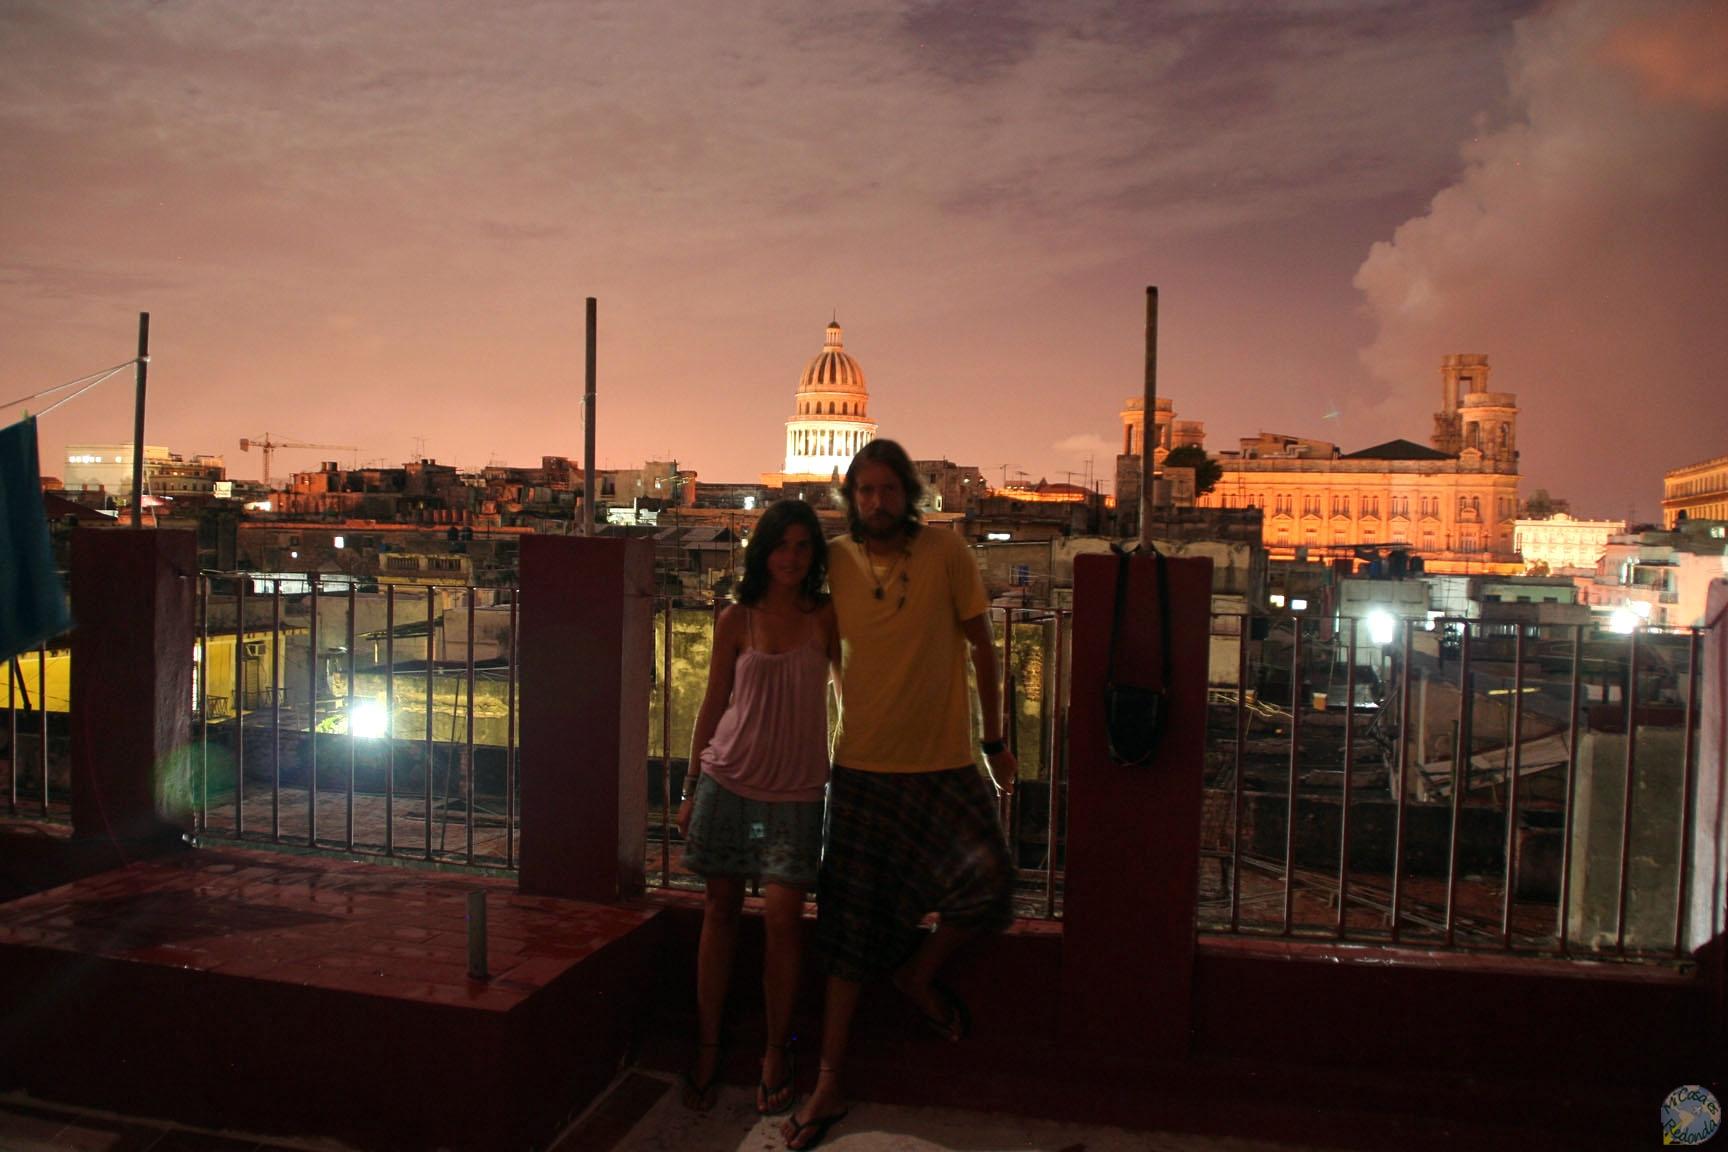 Por la noche, Capitolio al fondo